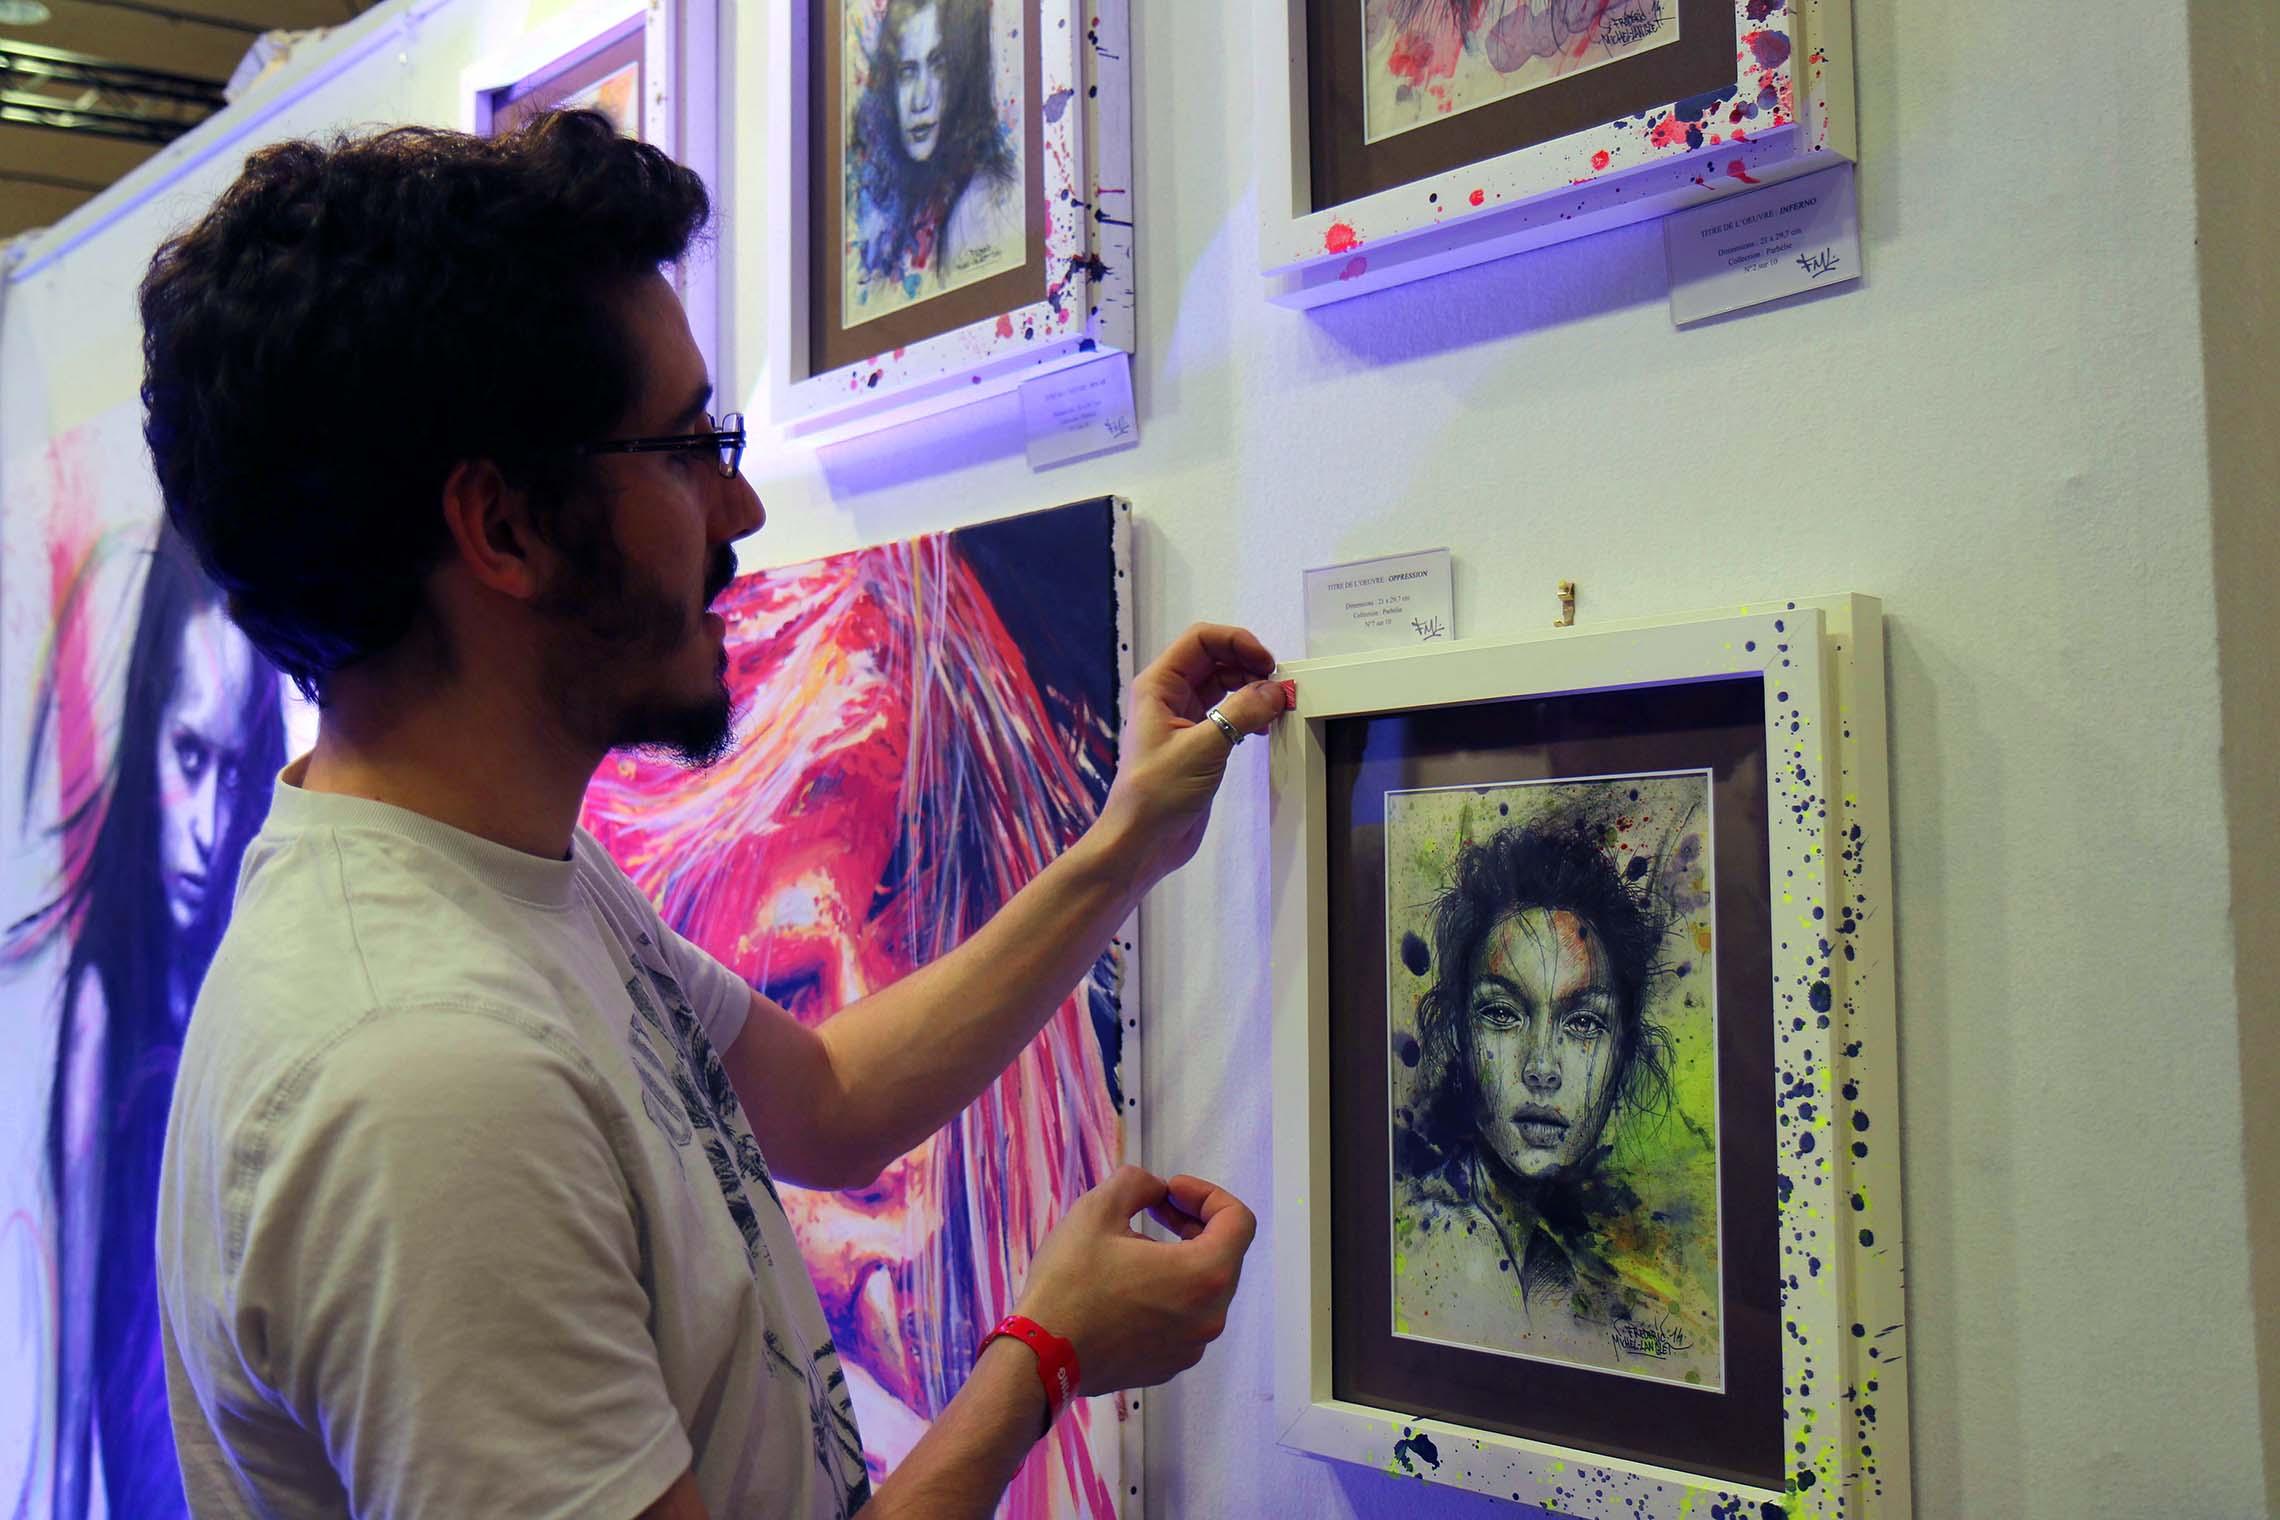 oeuvre vendue pendant l'expositions au carrousel du louvre à paris